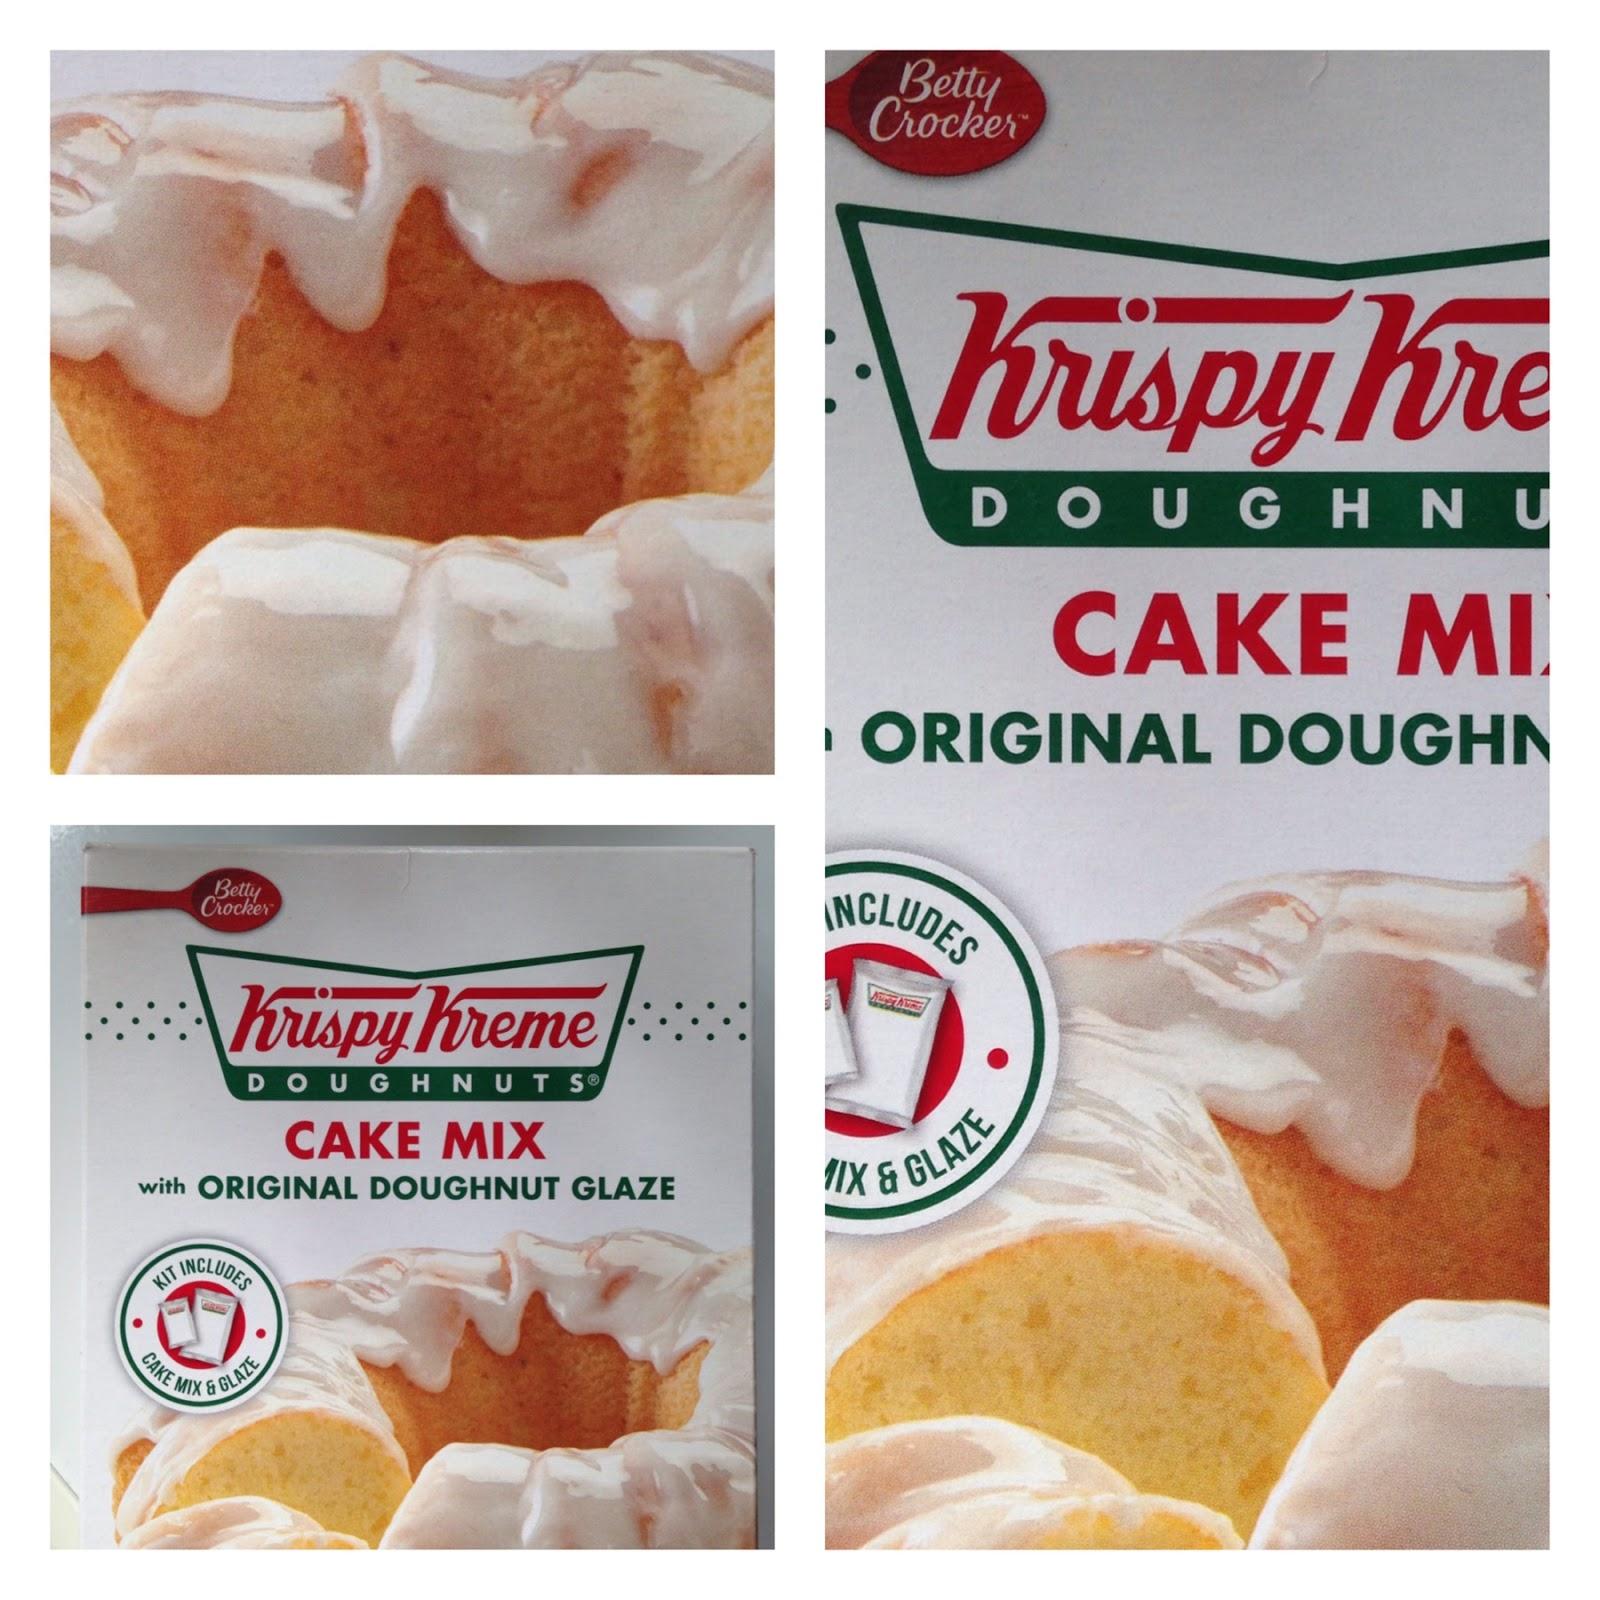 Recipes Using Krispy Kreme Cake Mix